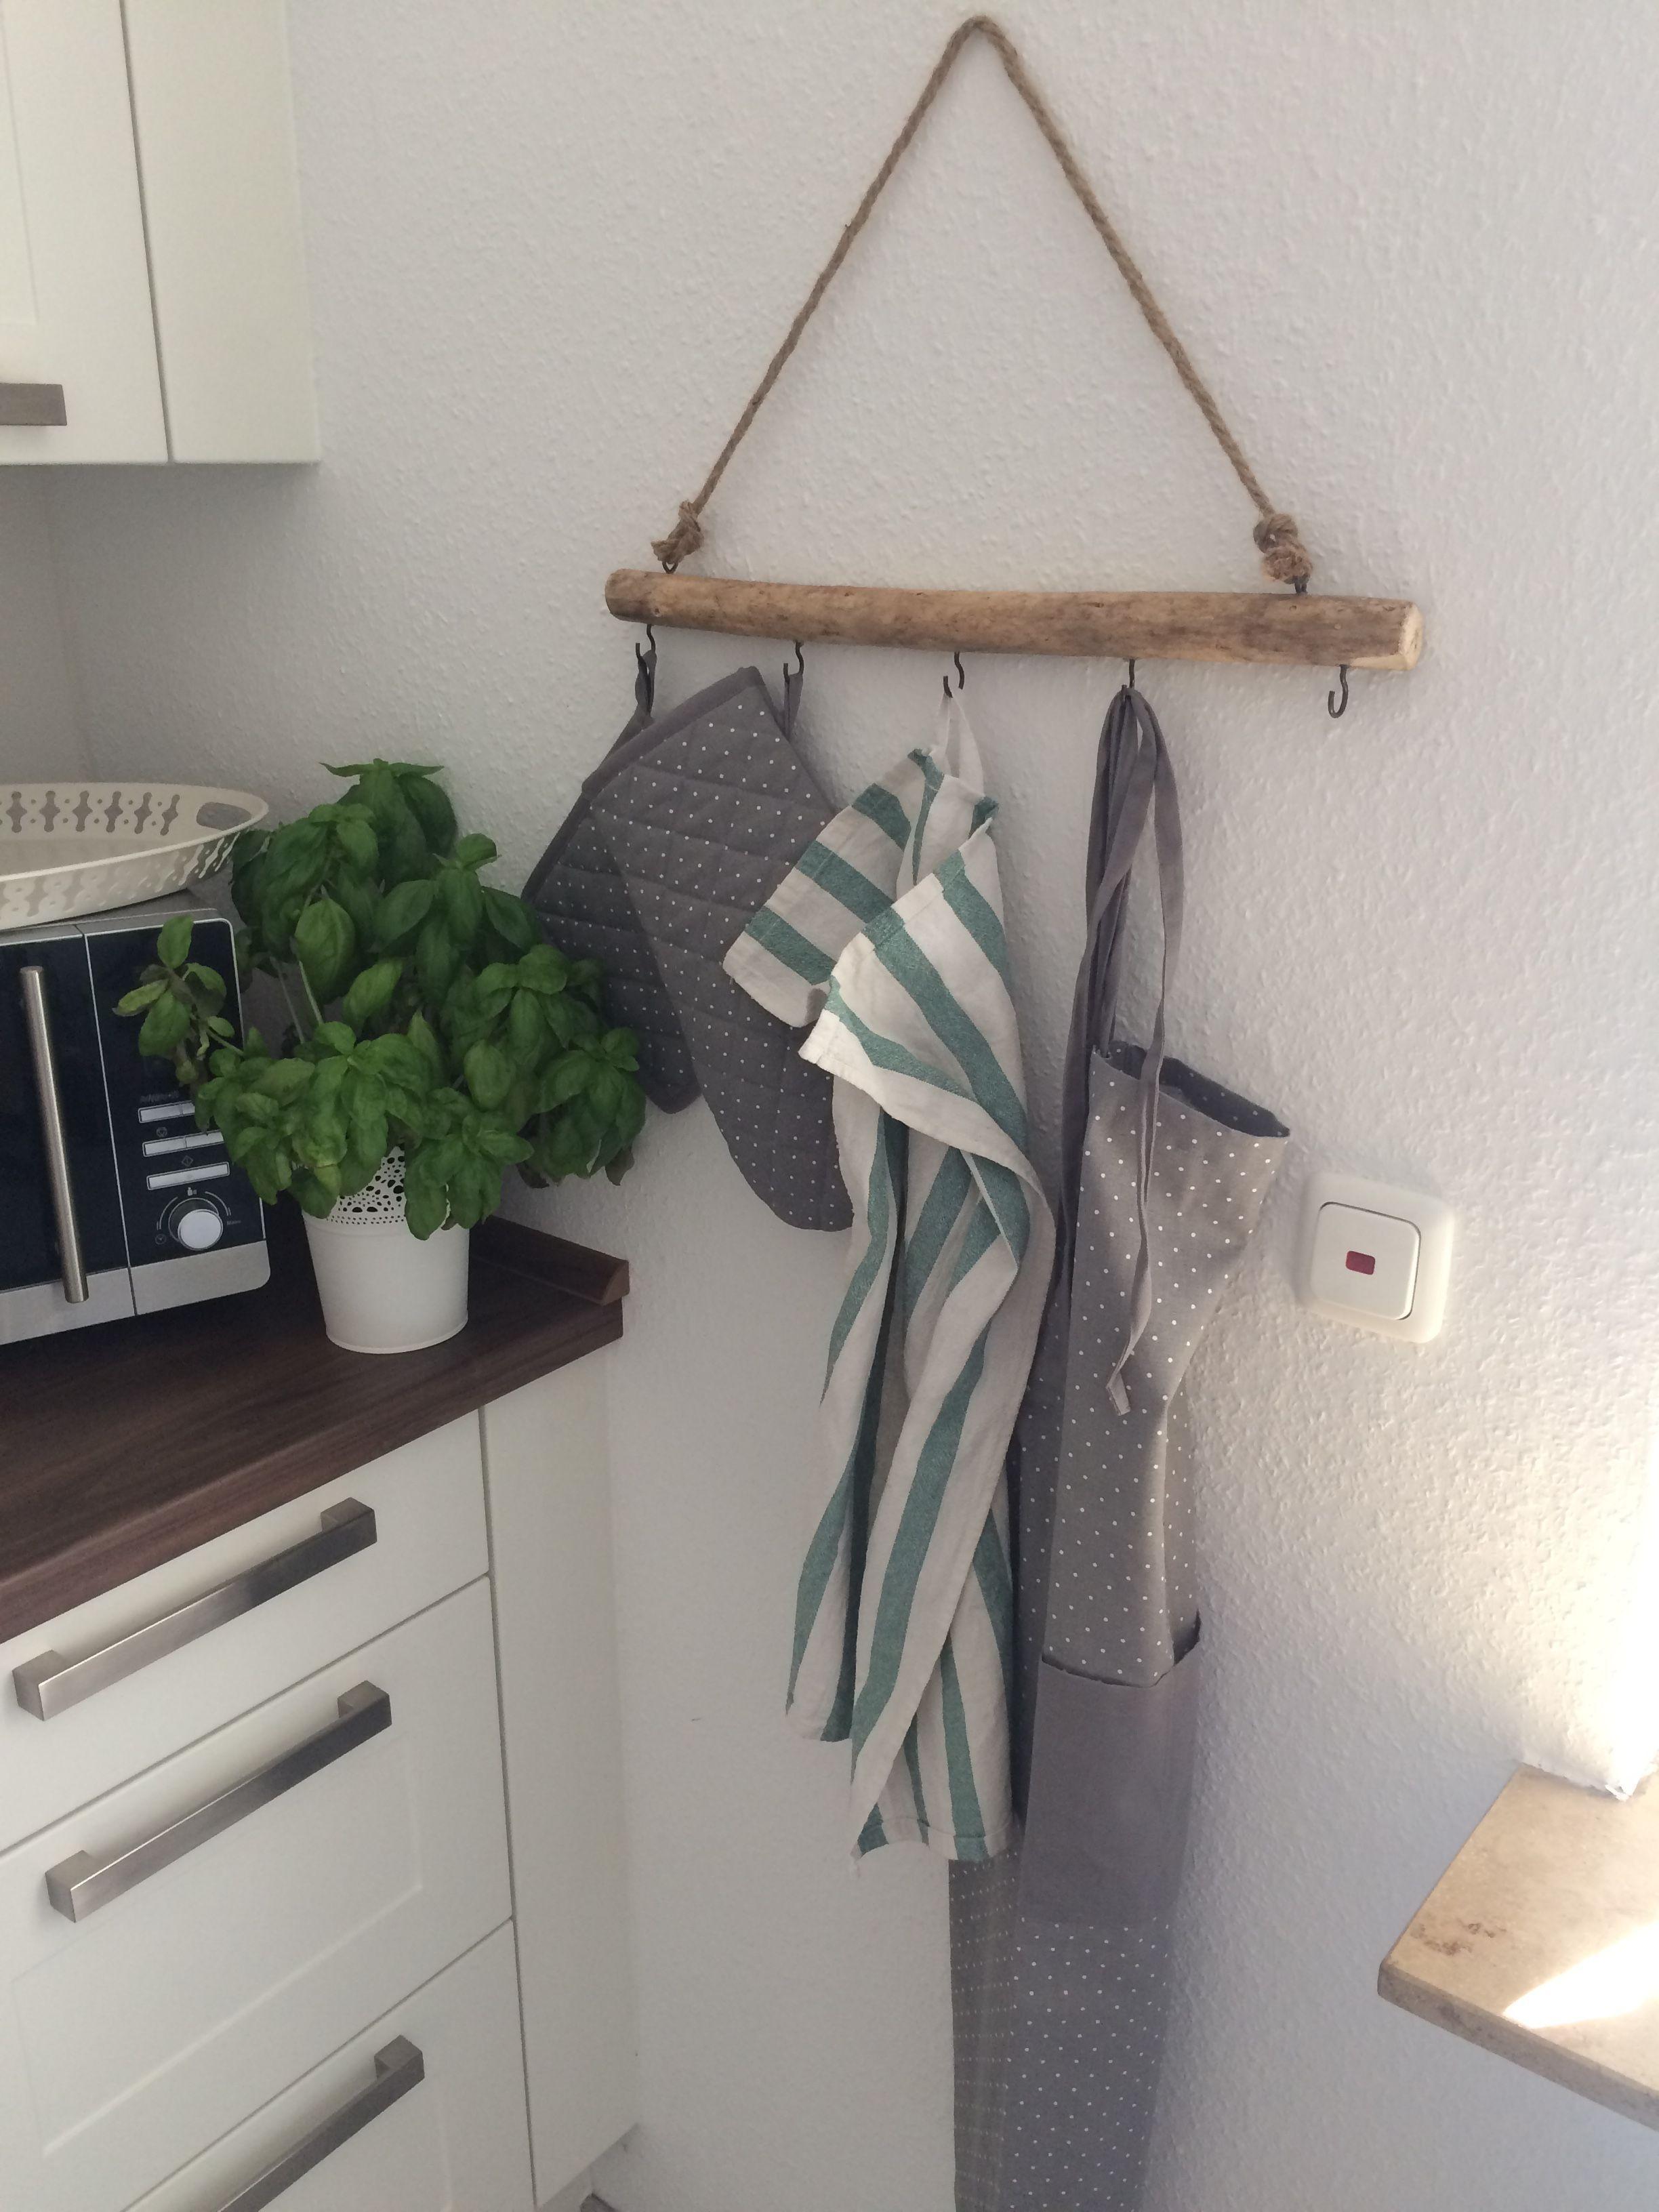 Home Garderobe für die Küche: Ast mit Sisal  Aufbewahrung Garten Ast aufbewahr…